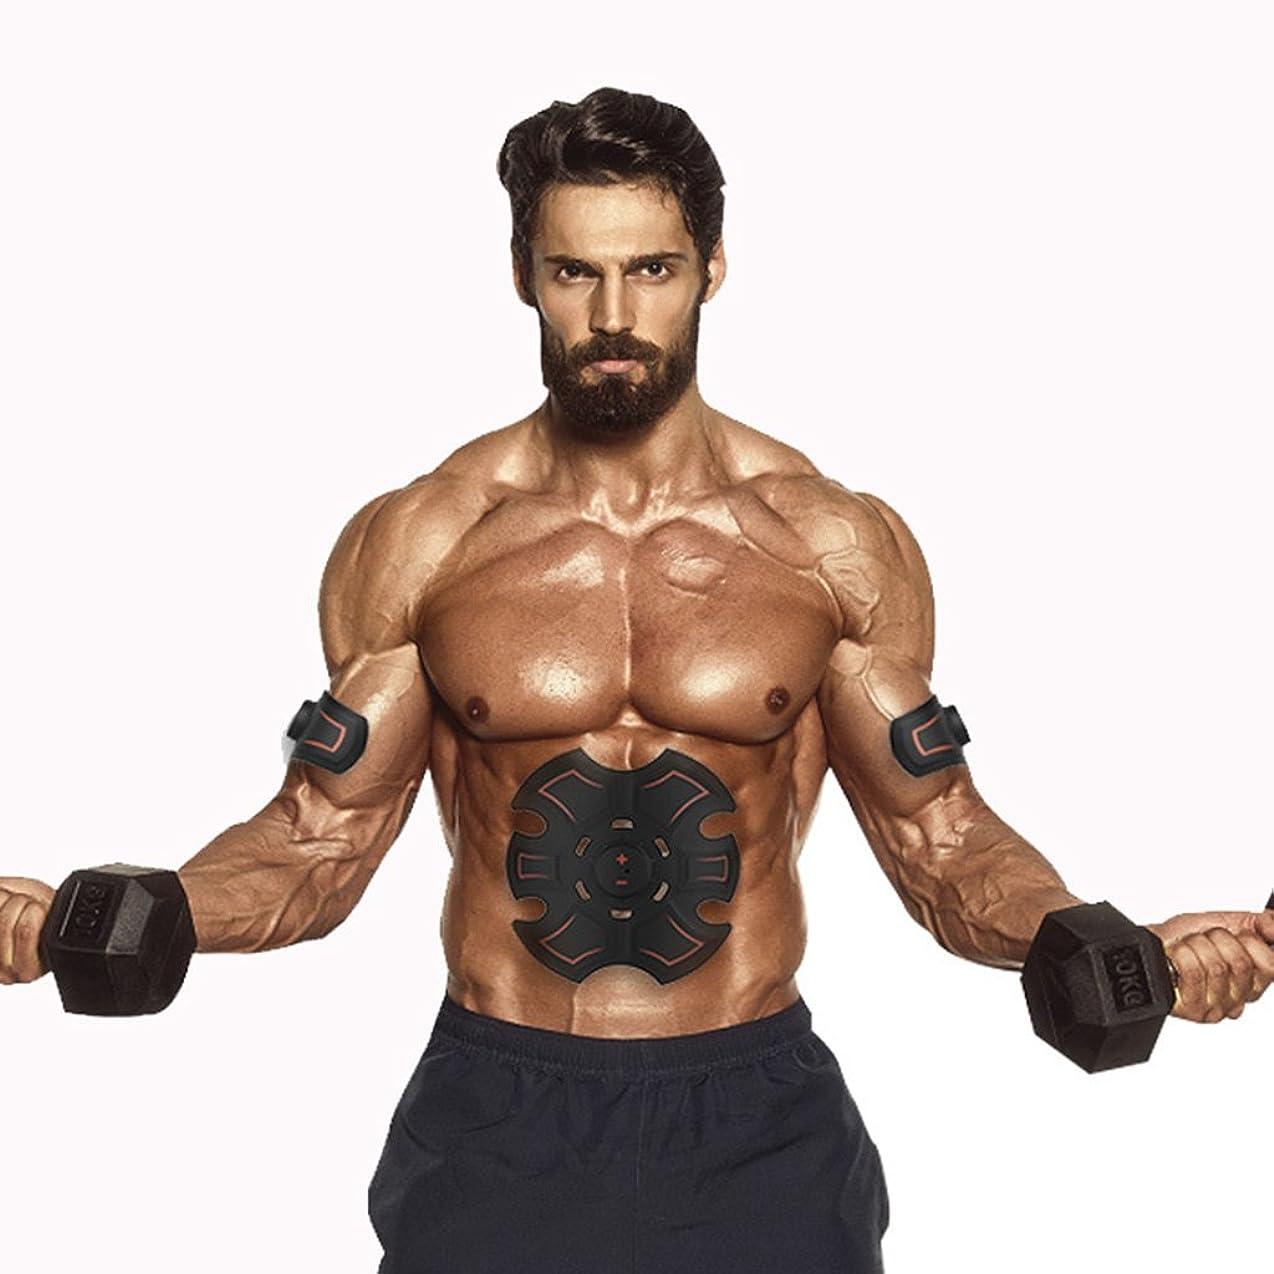 保安力強い剃るGBR- 腹部の筋肉Toner?2018腹部の筋肉EMSスマート腹部の腹部の人工物のマッサージャーミニ腹部のステッカー(黒+赤)